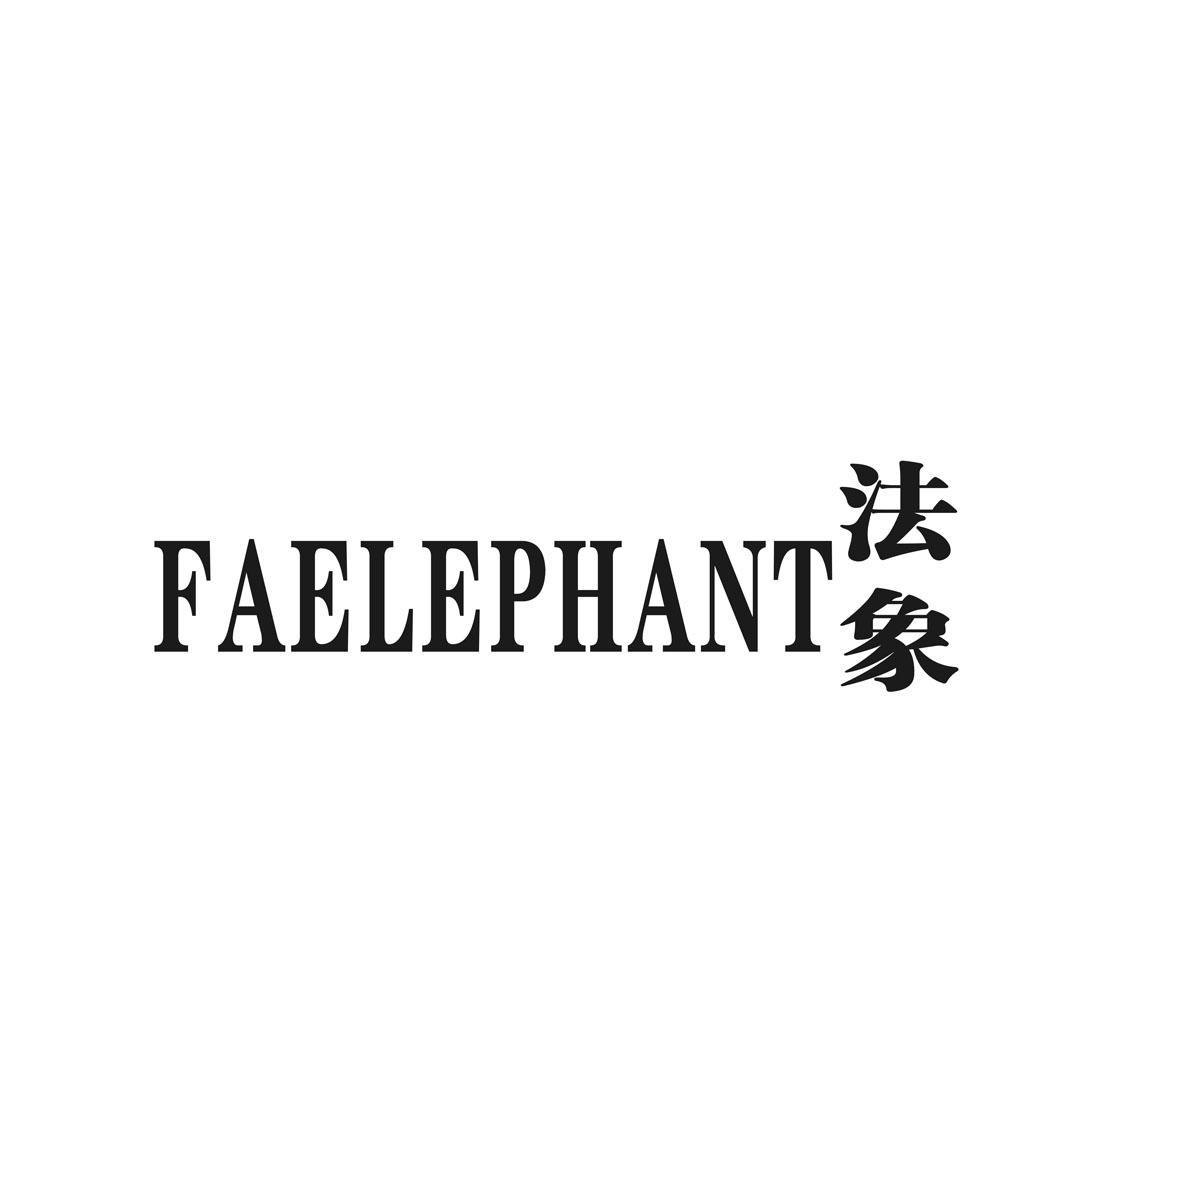 13类-烟火相关法象  FAELEPHANT商标转让